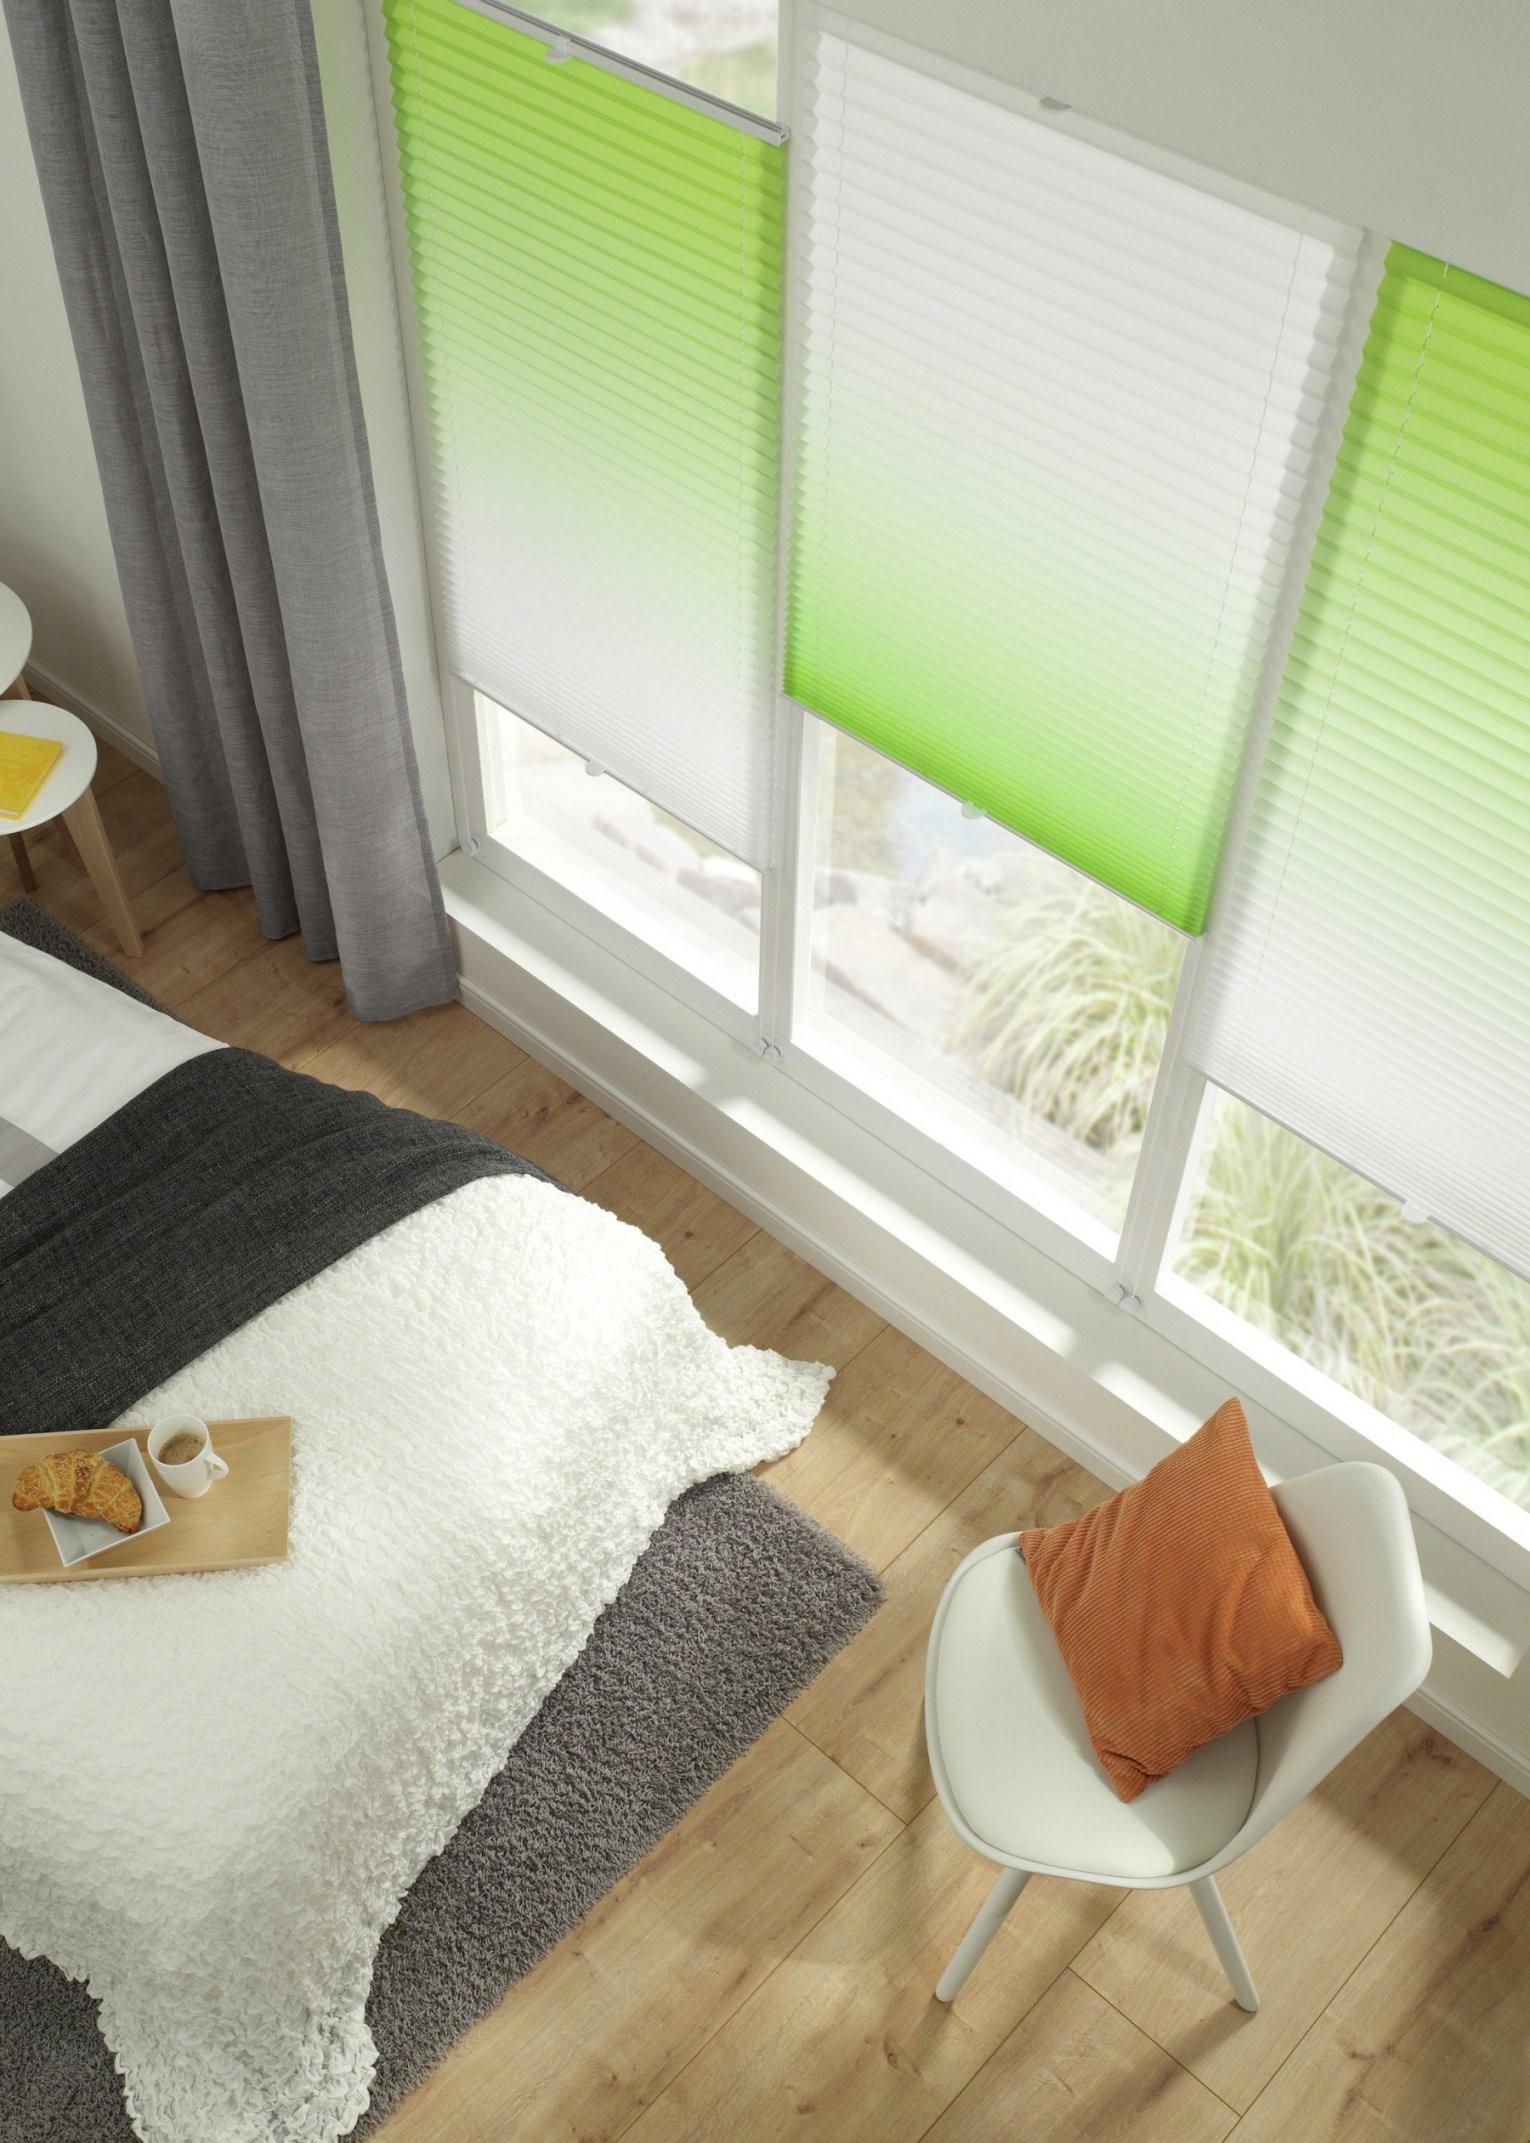 Rollos Für Fenster Innen & Plissee Günstig ⋆ Lehner Versand von Fenster Rollos Günstig Bild